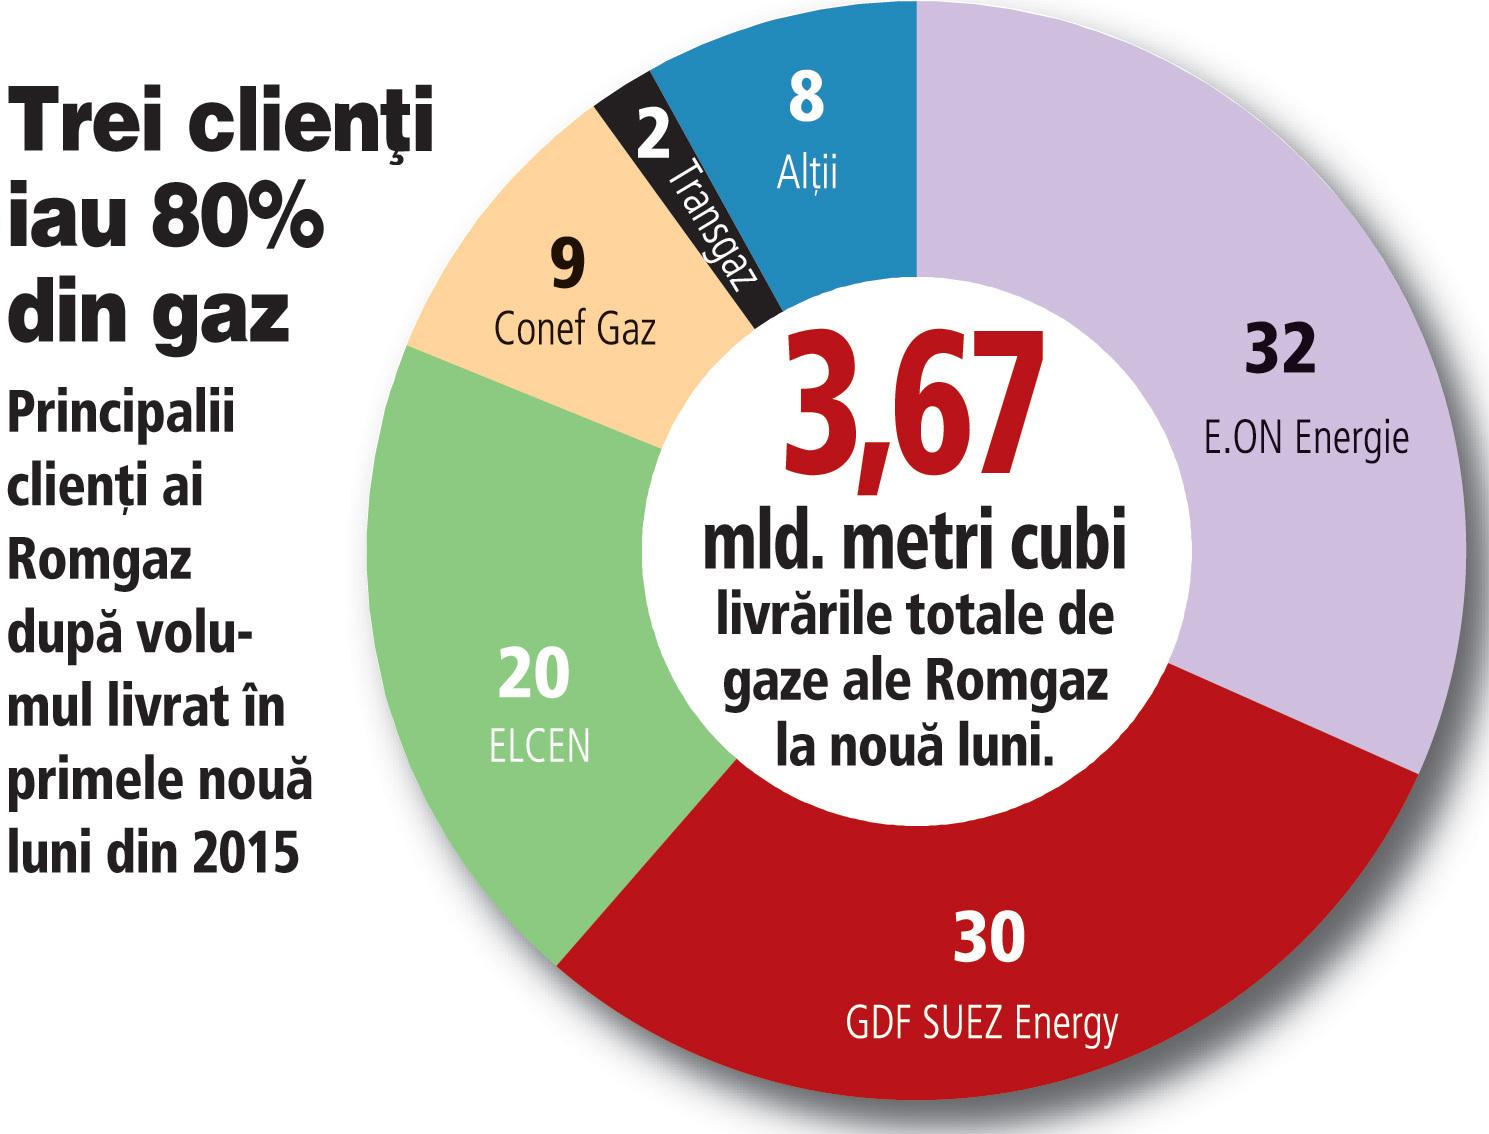 ELCEN Bucureşti consumă 20% din gazul produs de Romgaz, dar reprezintă jumătate din creanţe